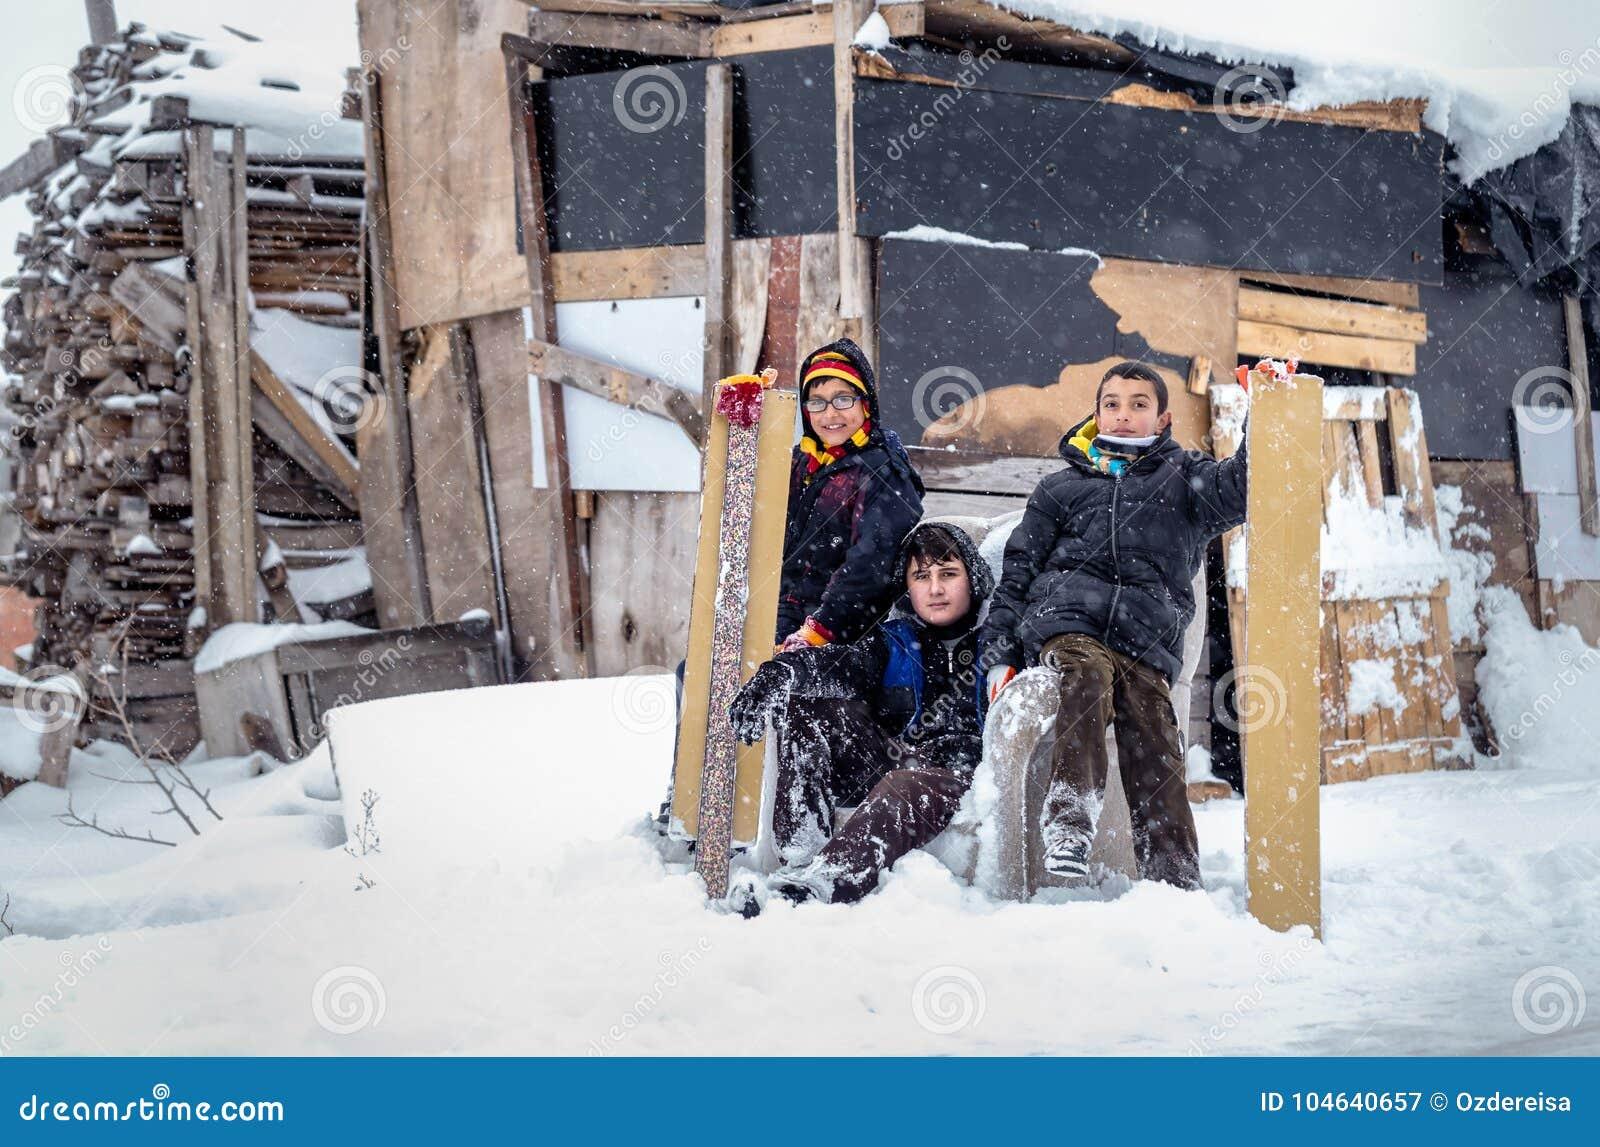 Download De Kinderen Glijden Op Sneeuw In Oude Schoolstijl Met Hardhout Redactionele Fotografie - Afbeelding bestaande uit weinig, glimlach: 104640657